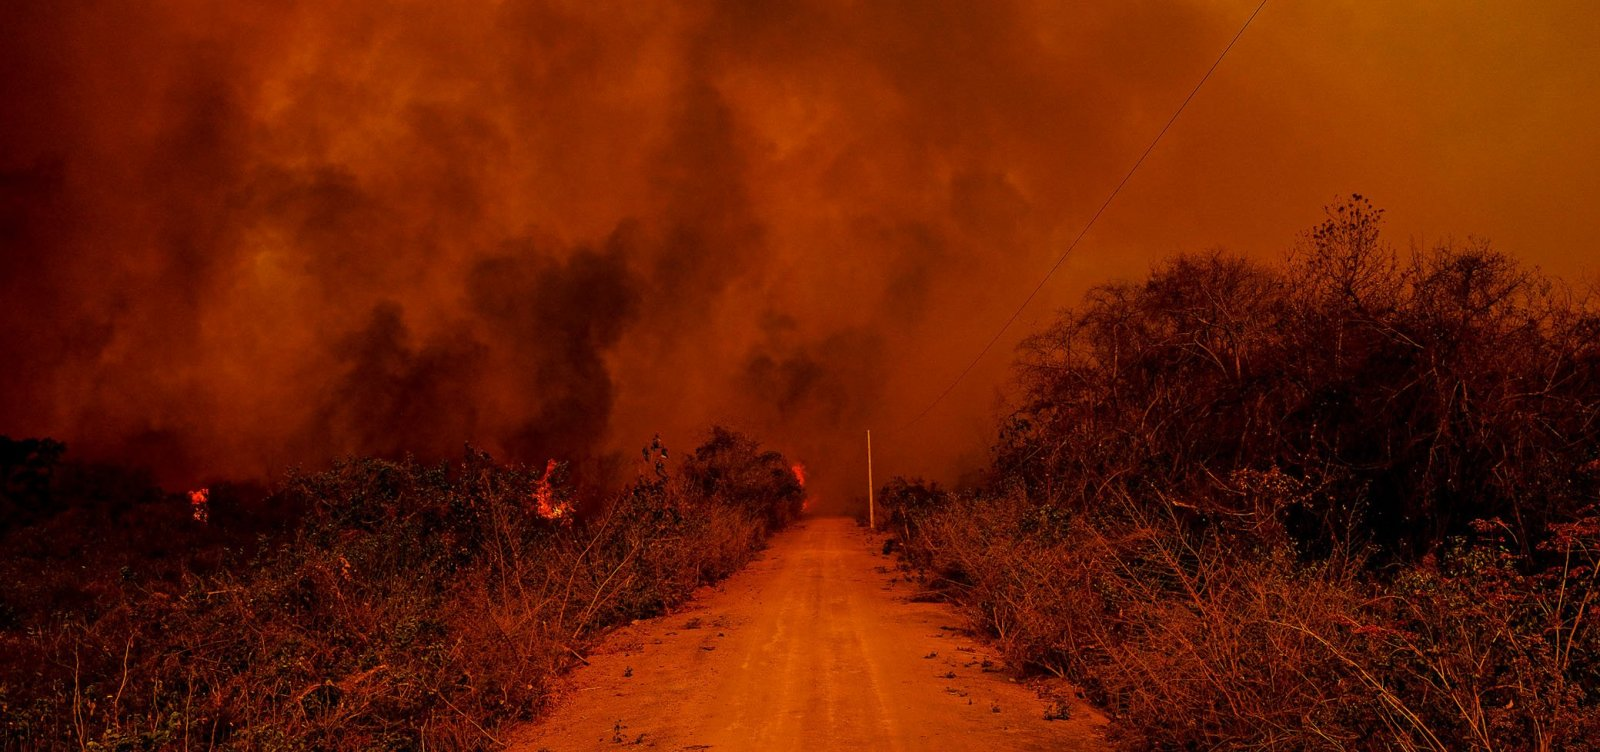 [PF tem provas suficientes para indiciar fazendeiros por queimadas no Pantanal]